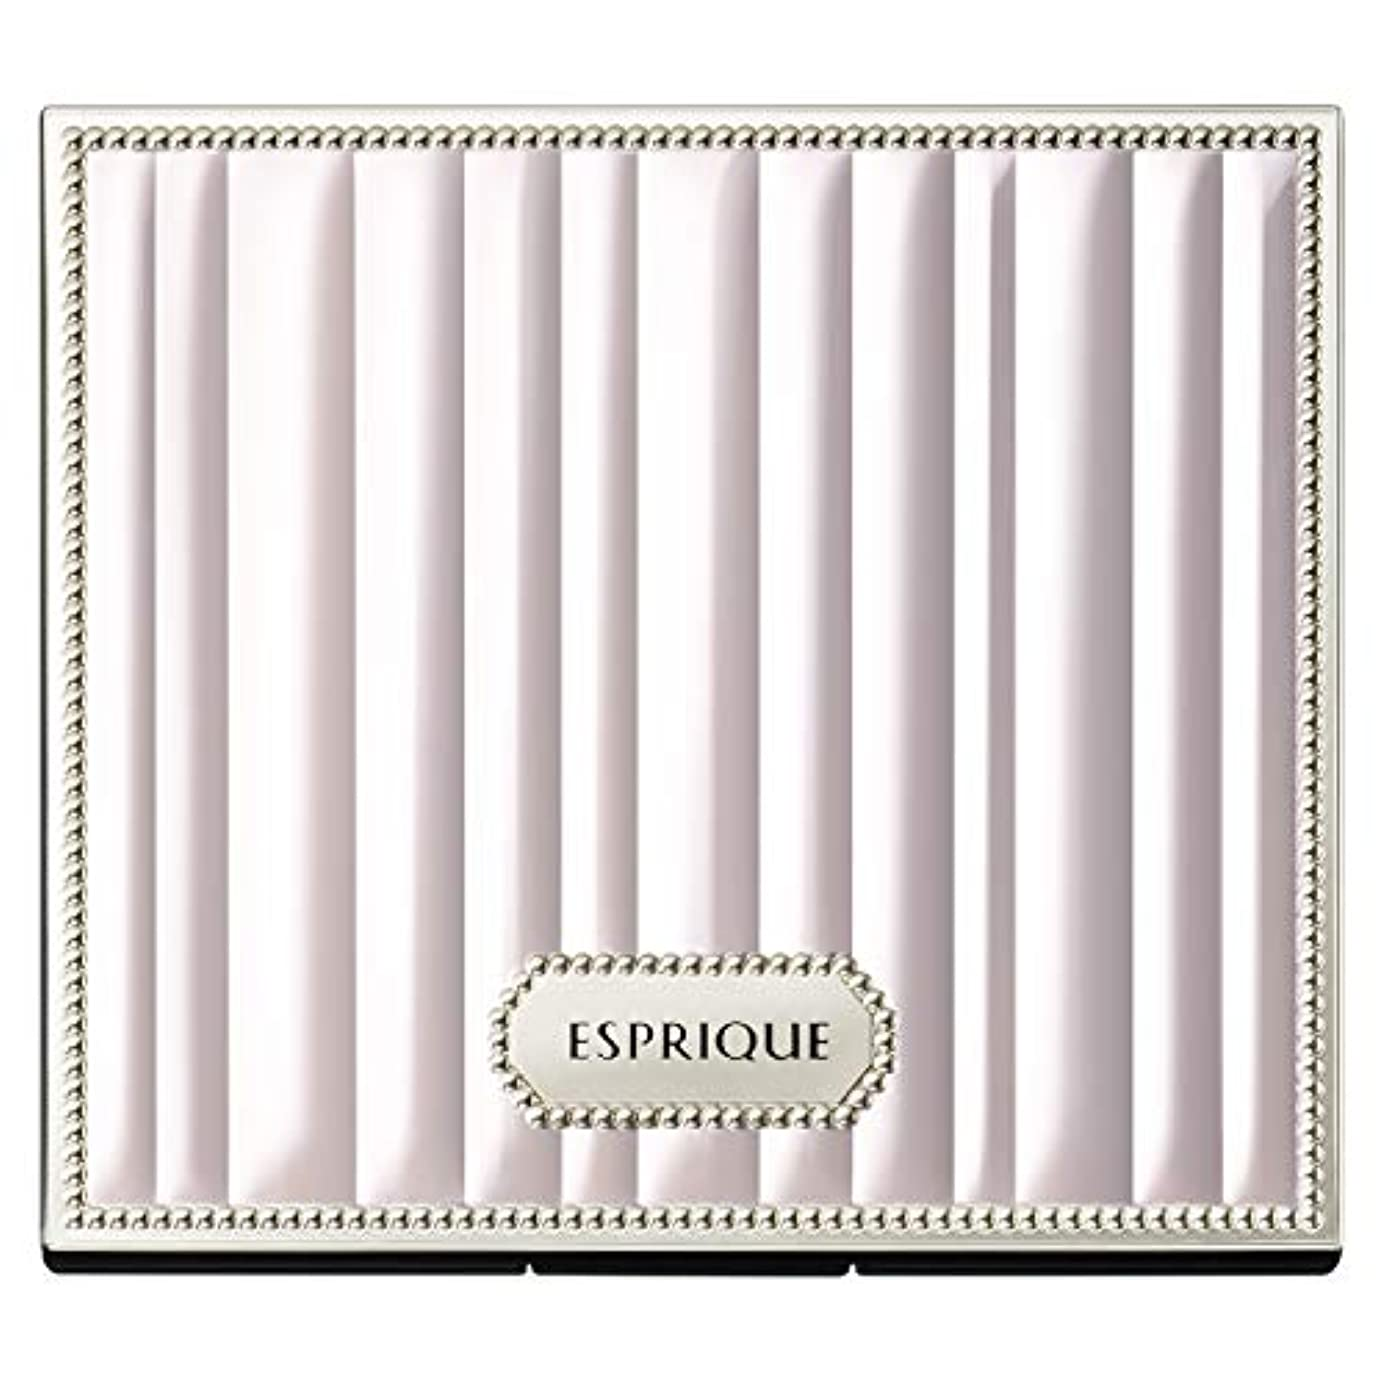 教科書残酷再生可能ESPRIQUE(エスプリーク) エスプリーク アイカラー ケース N 1個